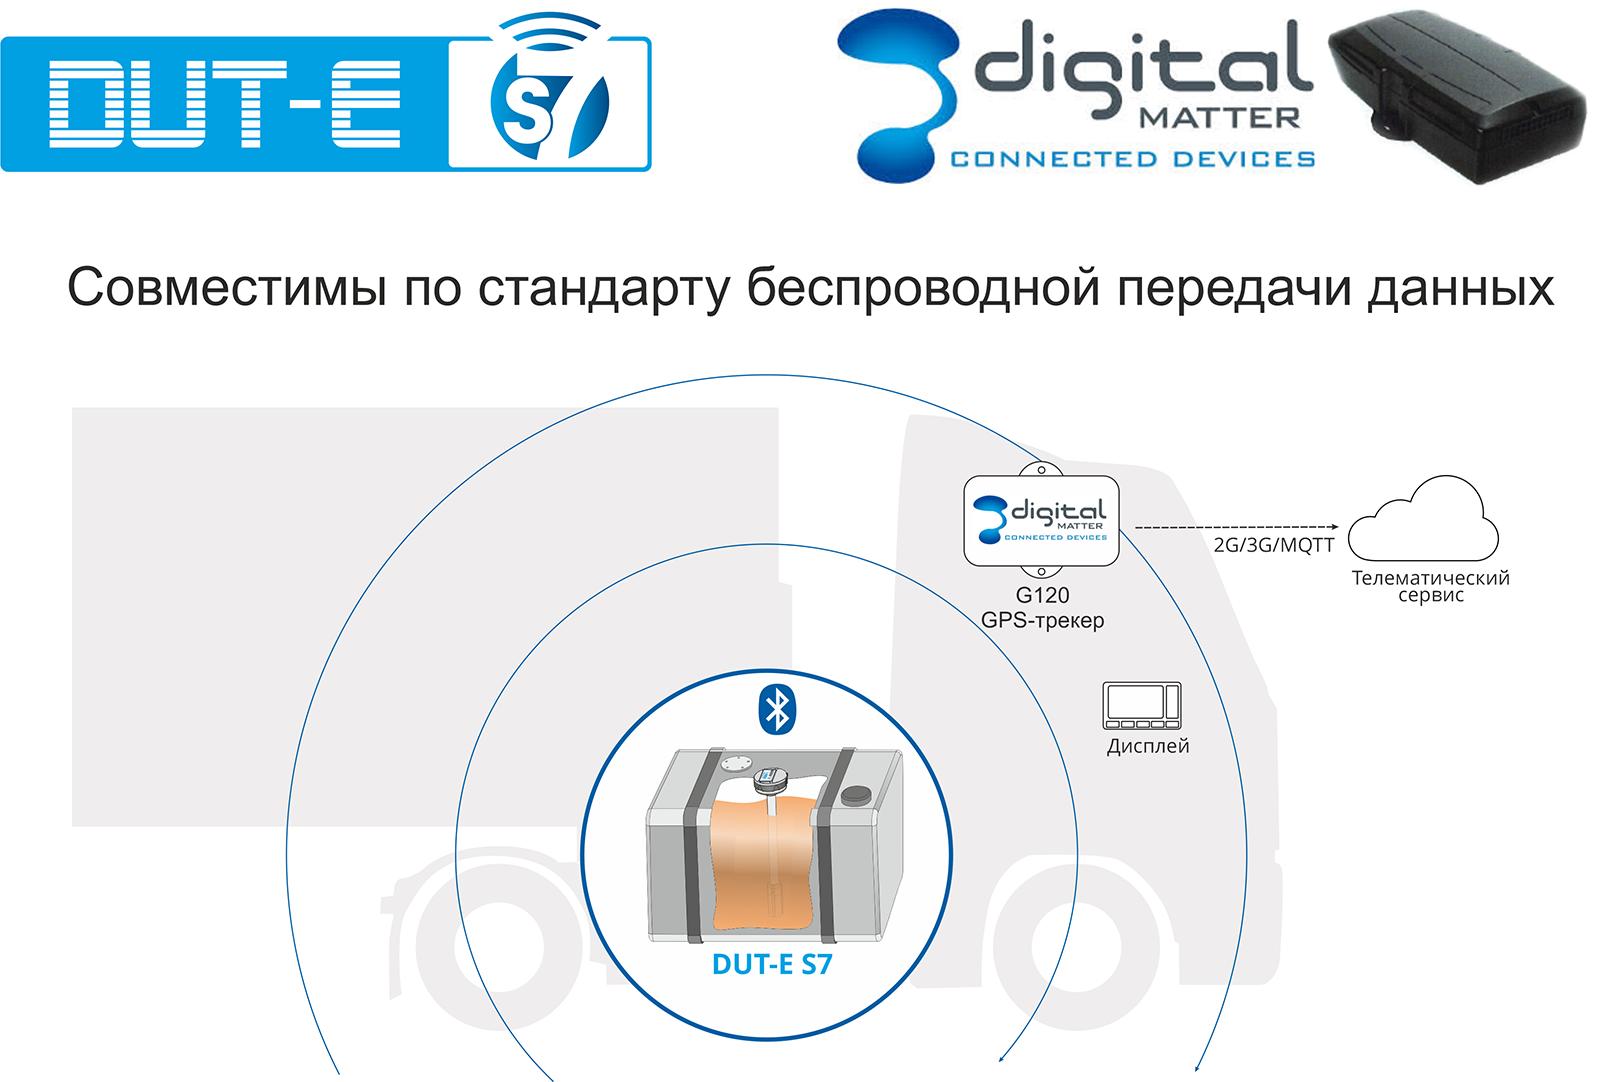 Совместимость датчиков уровня DUT-E S7 и GPS-трекеров Digital Matter